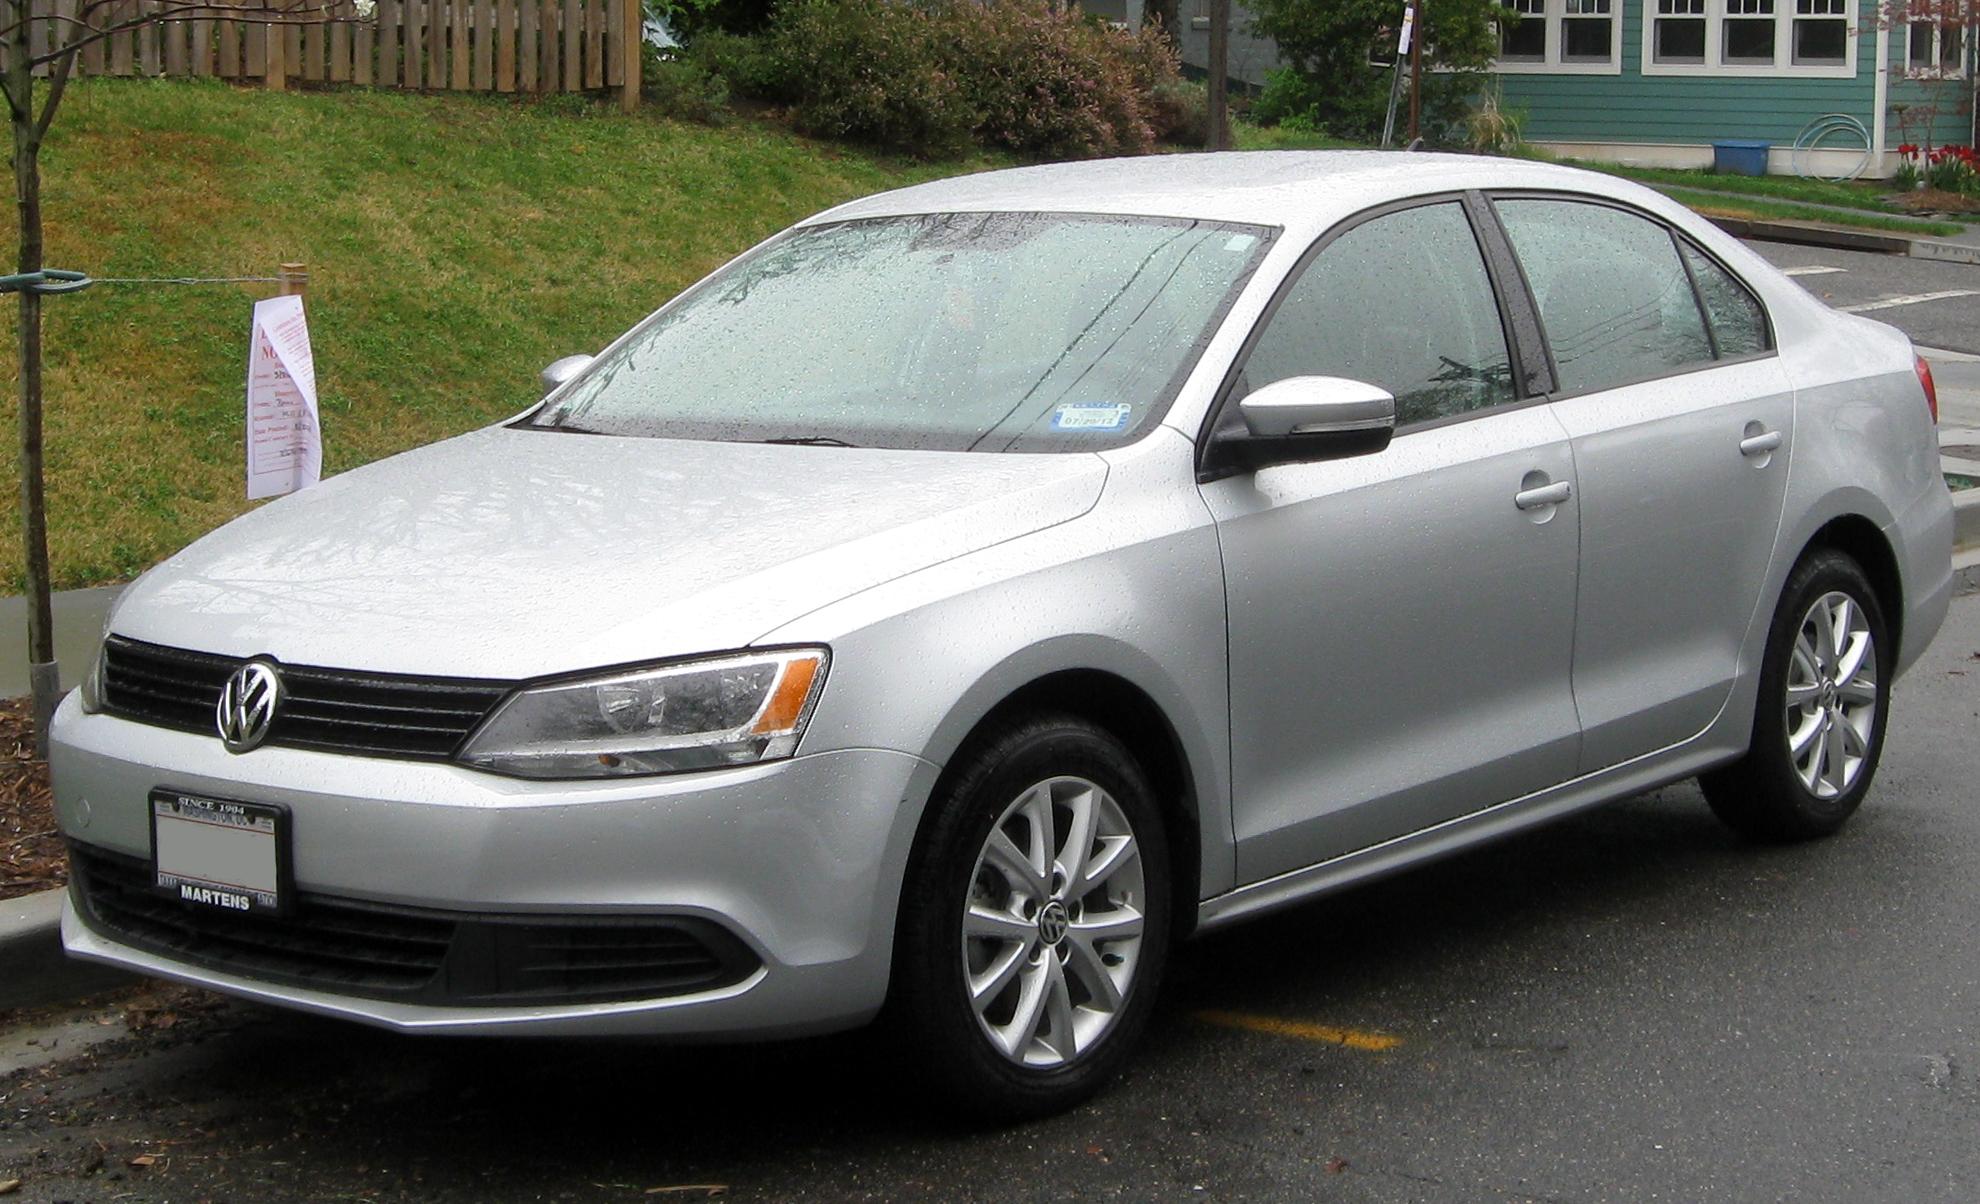 Volkswagen_Jetta_sedan_--_03-24-2012.JPG